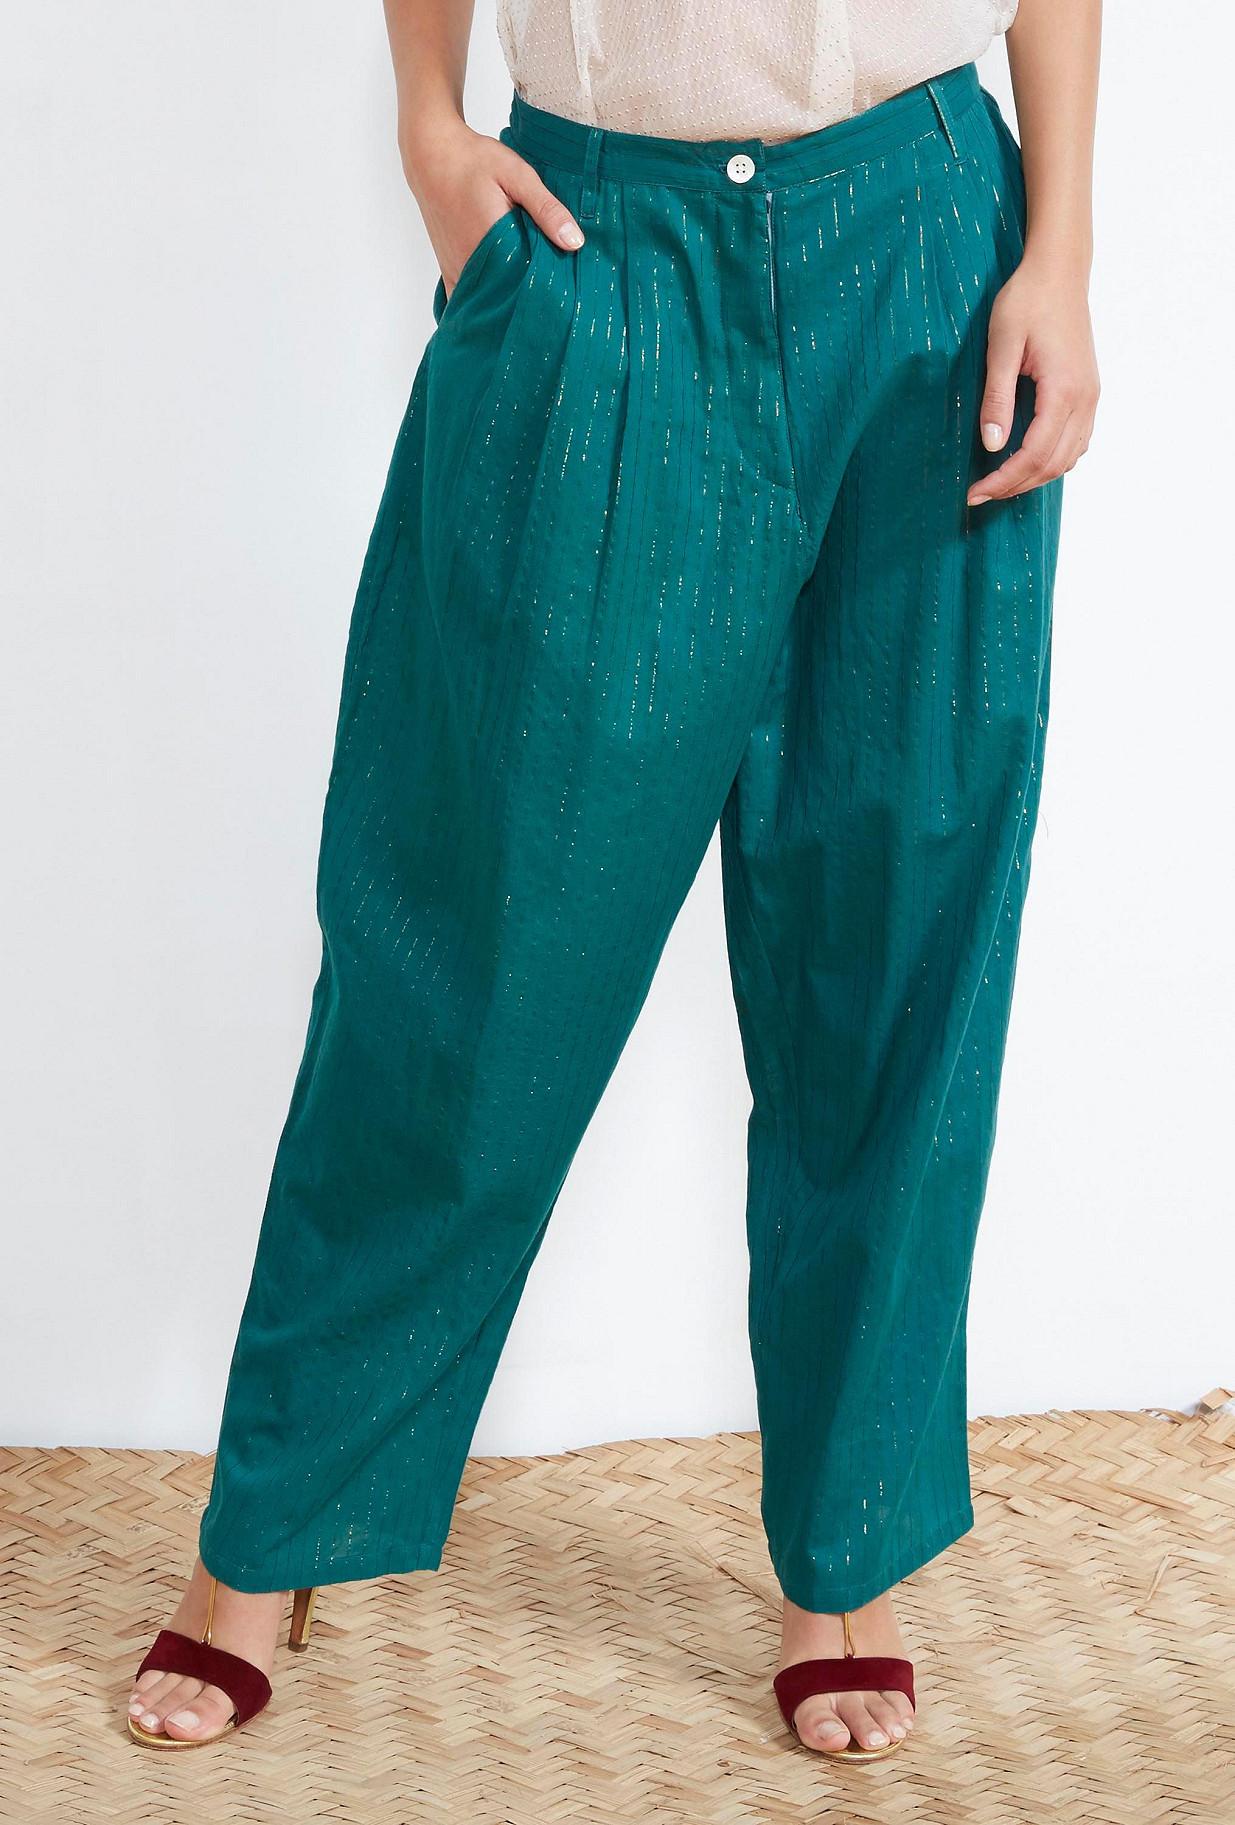 Green PANTS Santiago Mes Demoiselles Paris